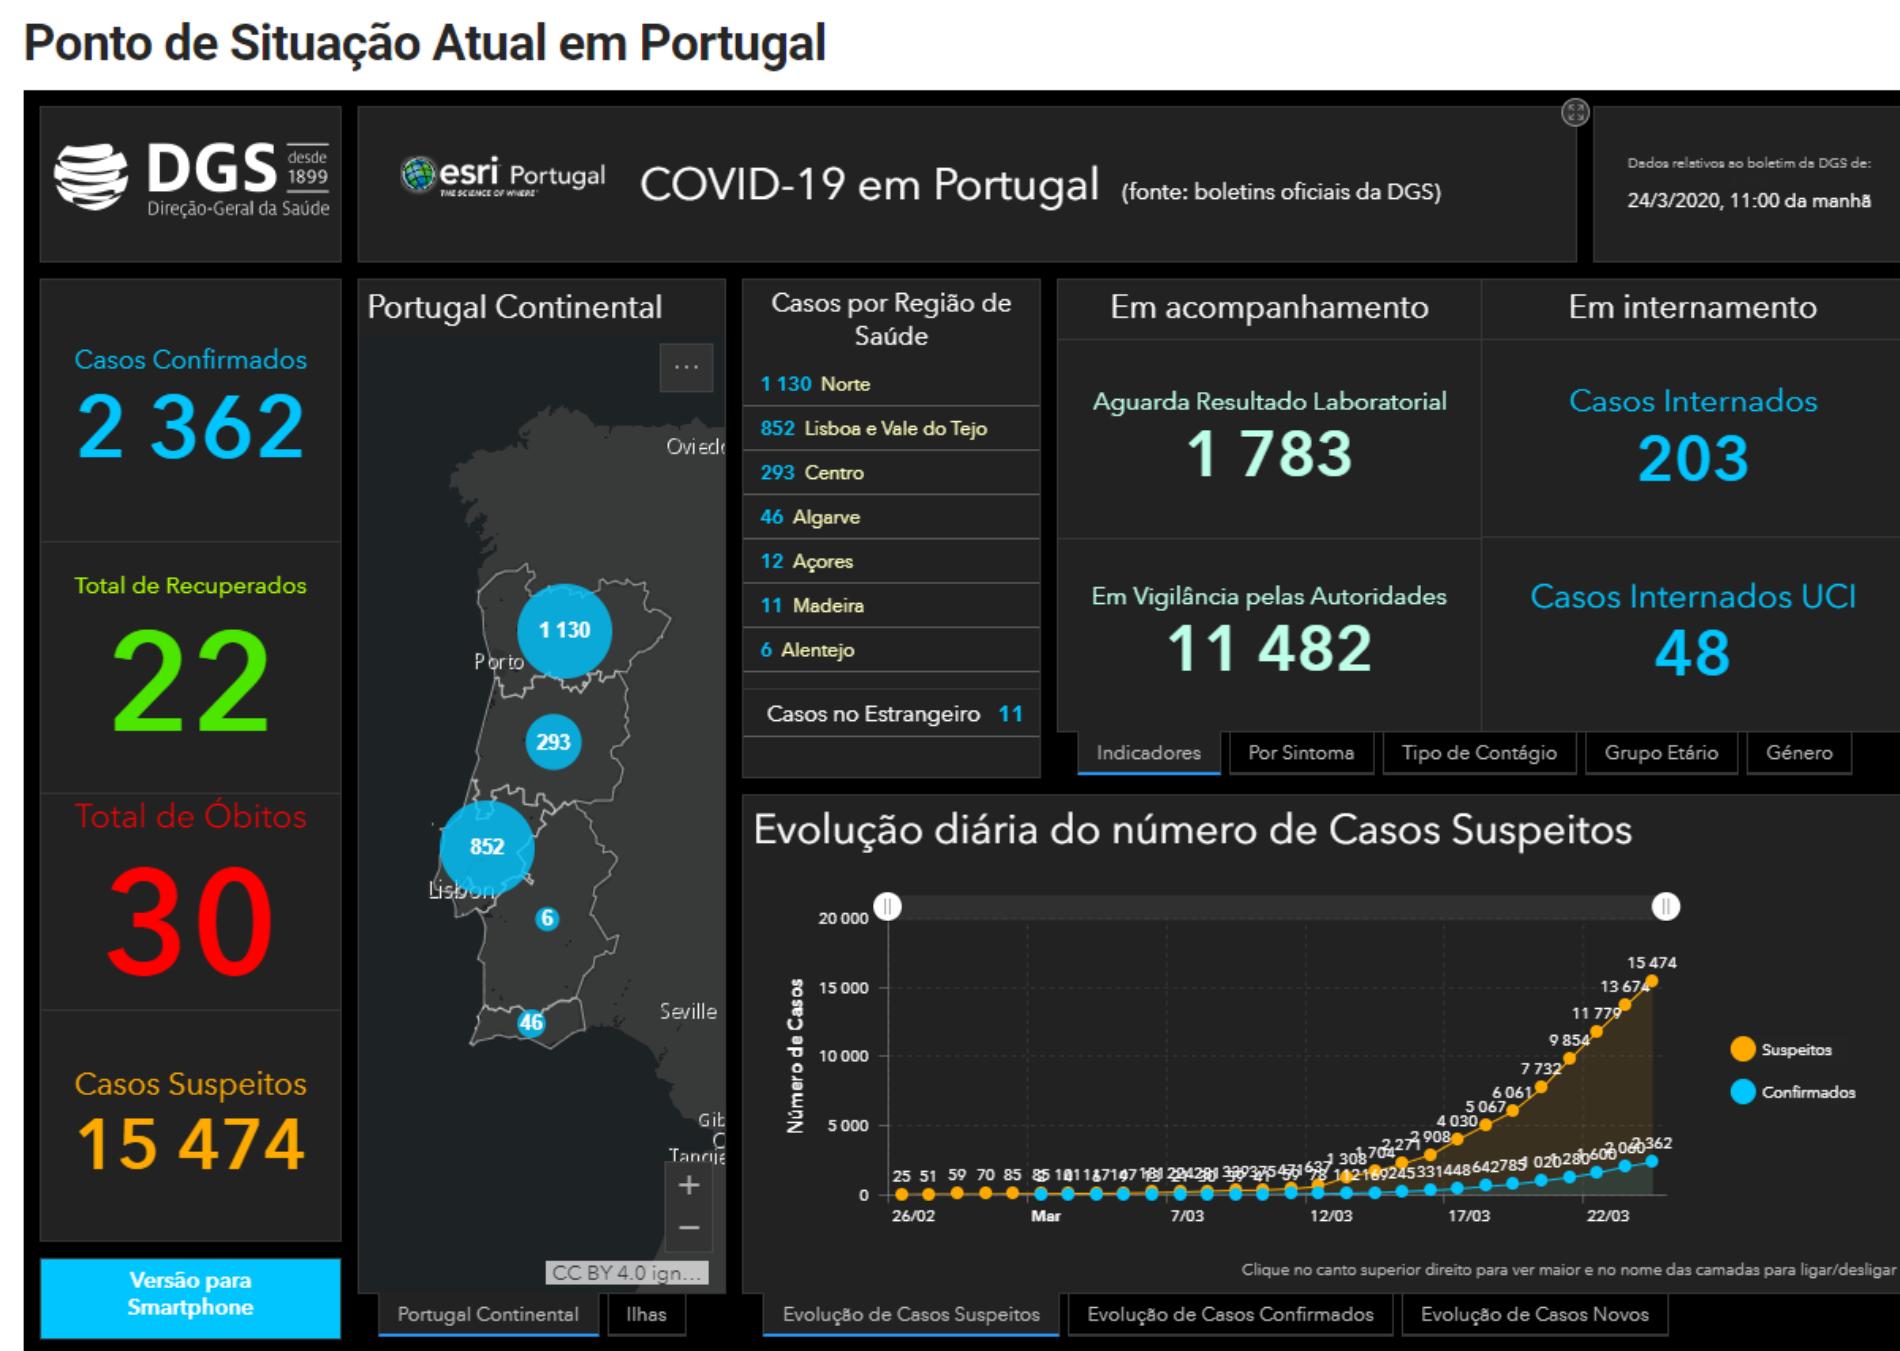 Covid-19: 33 mortes e 2362 infetados em Portugal